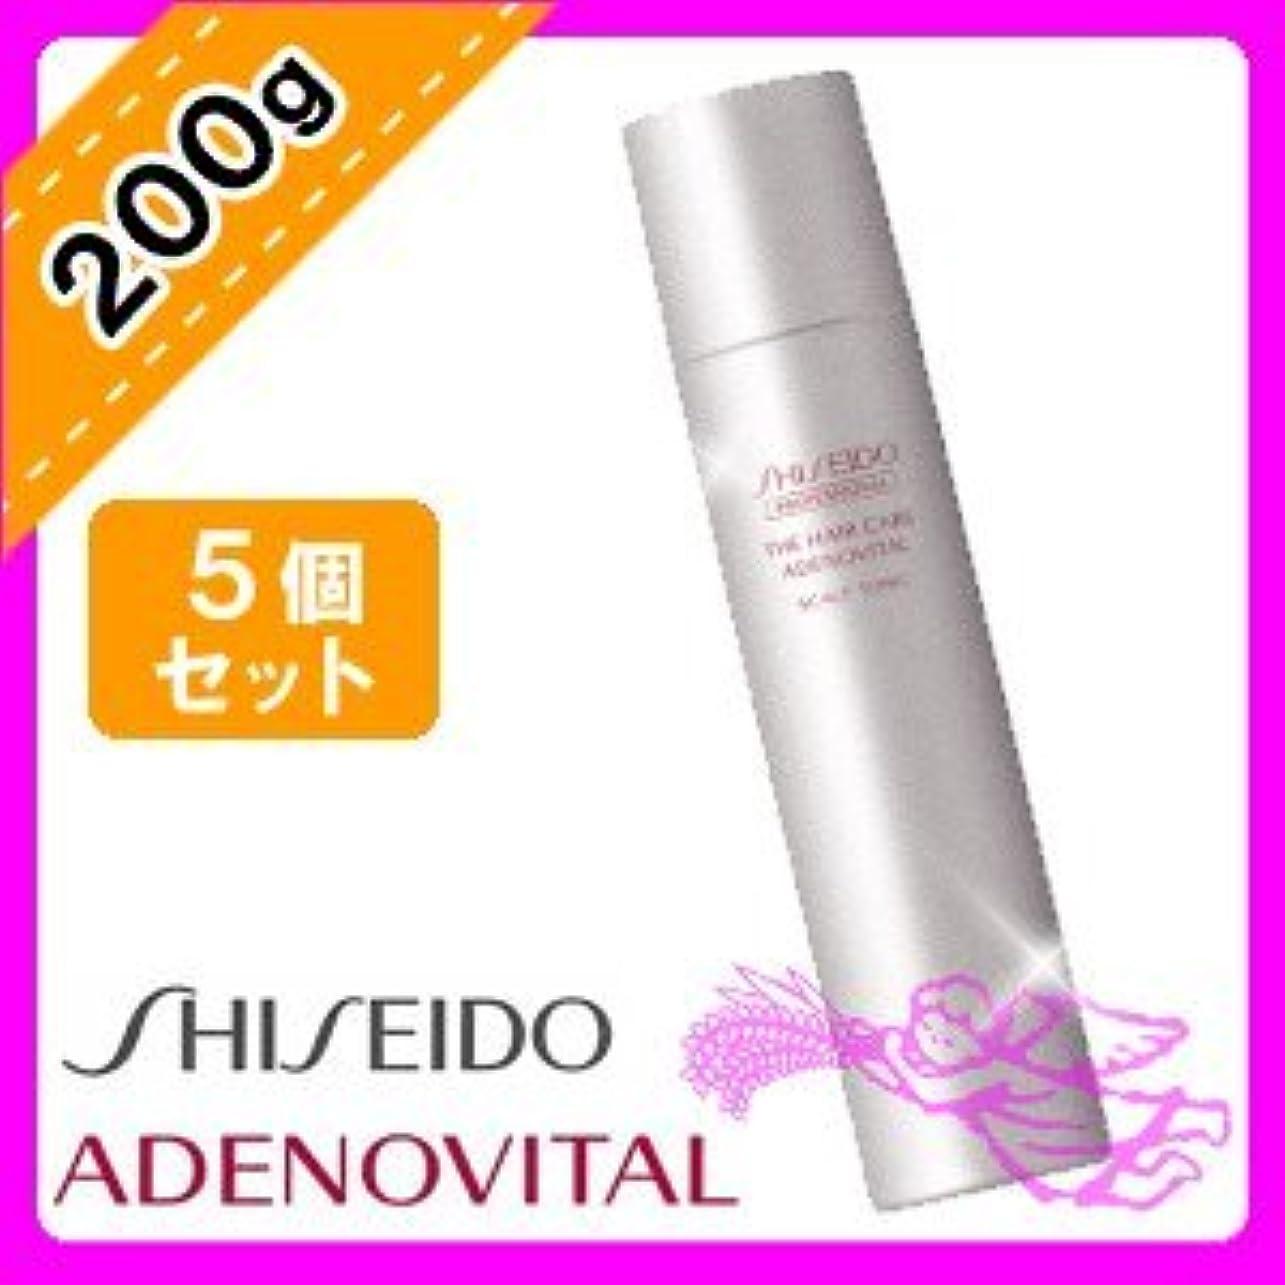 資生堂 アデノバイタル スカルプトニック <200g×5個> SHISEIDO ADENOVITAL 医薬部外品